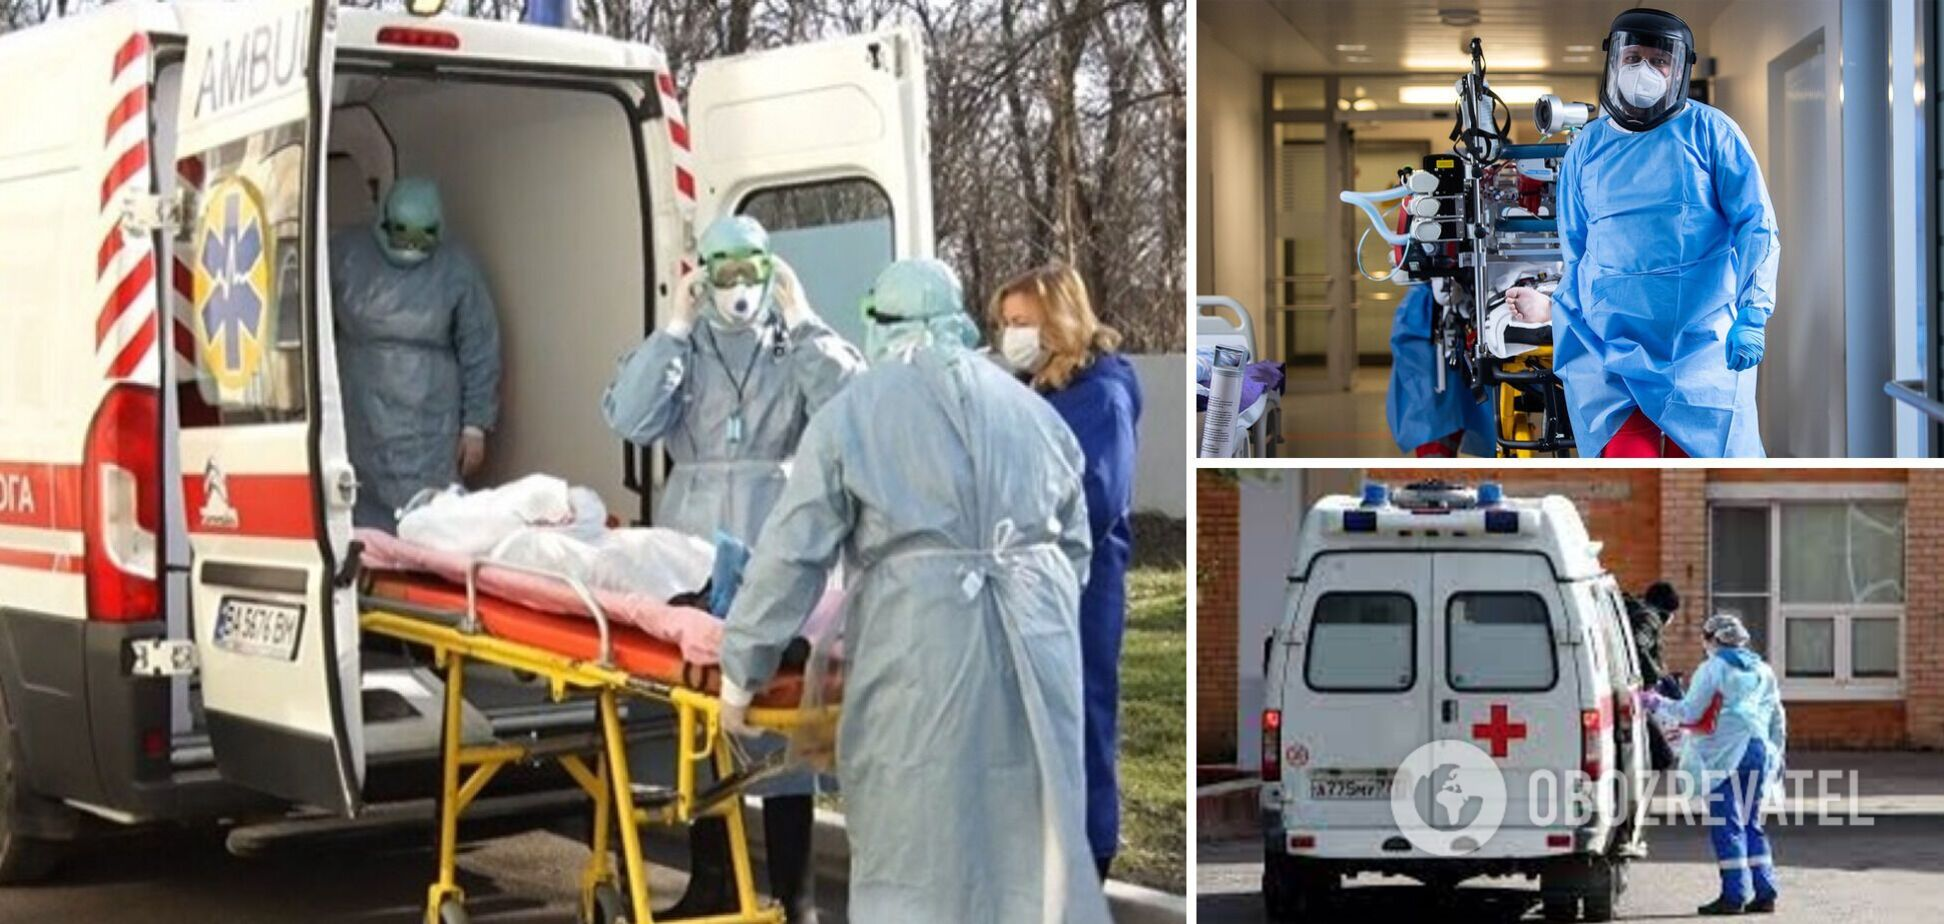 Больница, открывшаяся для ковидных пациентов, заполнилась в первый день работы